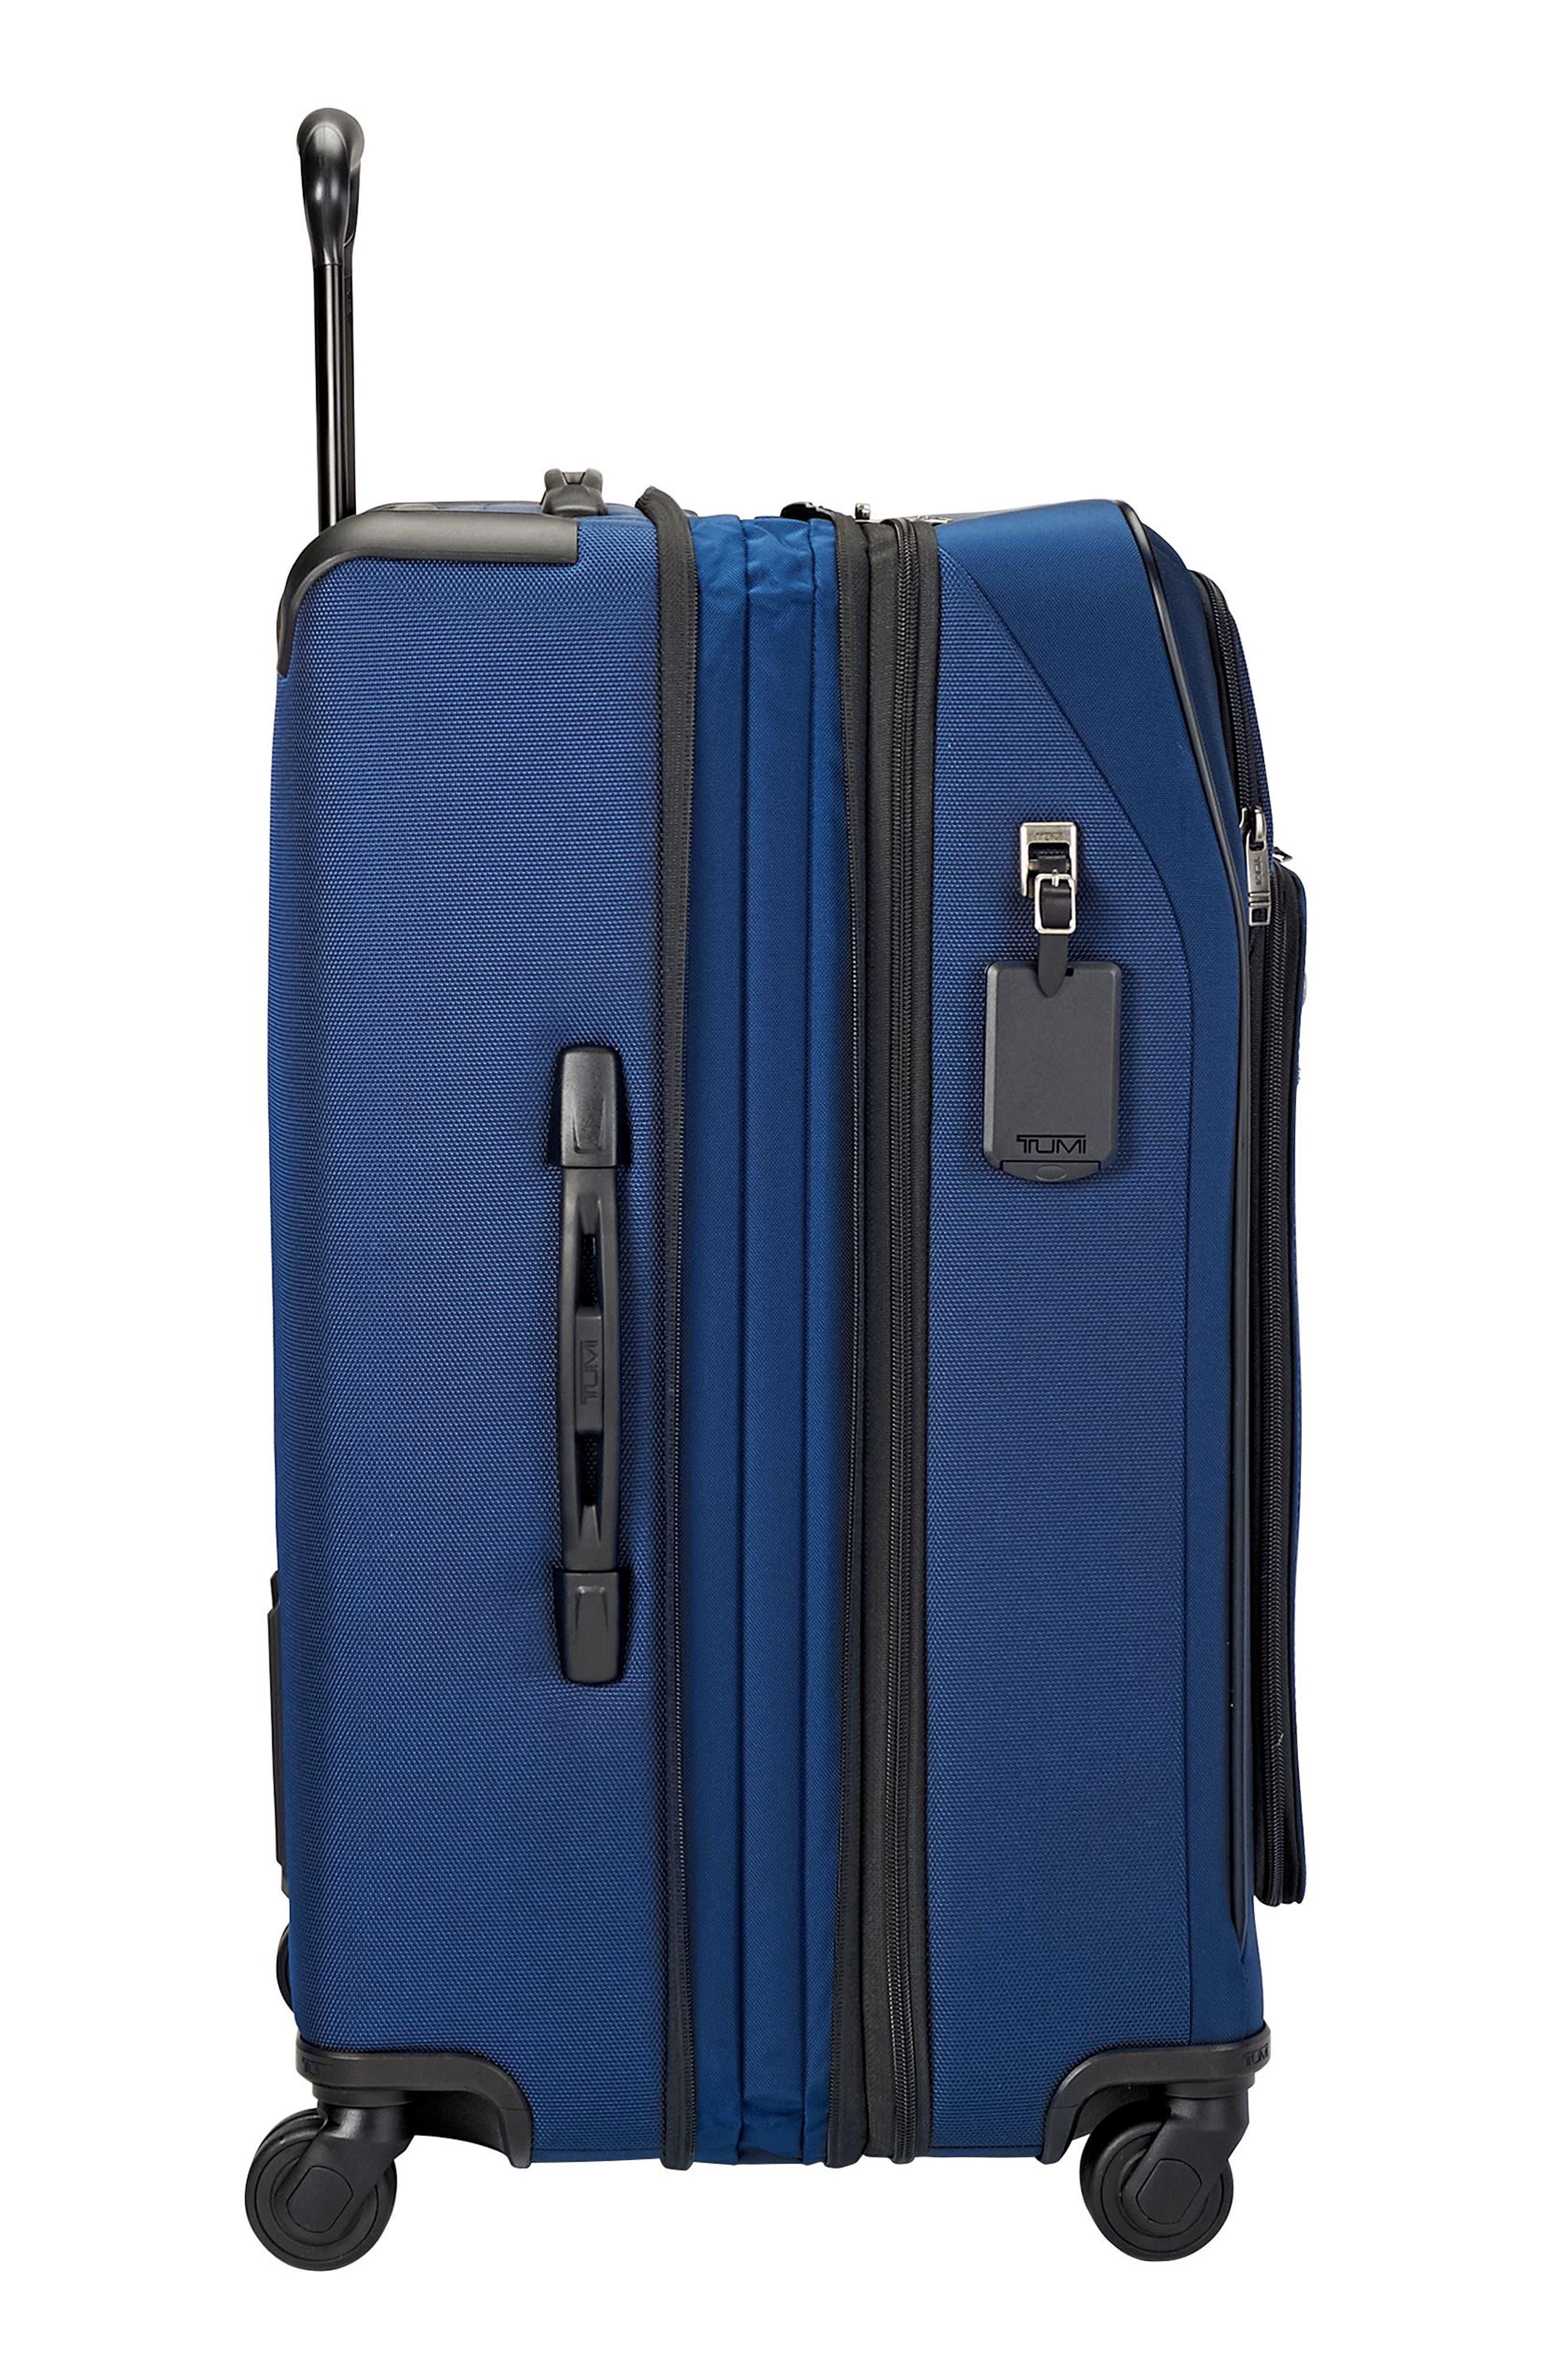 Merge - Short Trip Expandable Rolling Suitcase,                             Alternate thumbnail 3, color,                             OCEAN BLUE